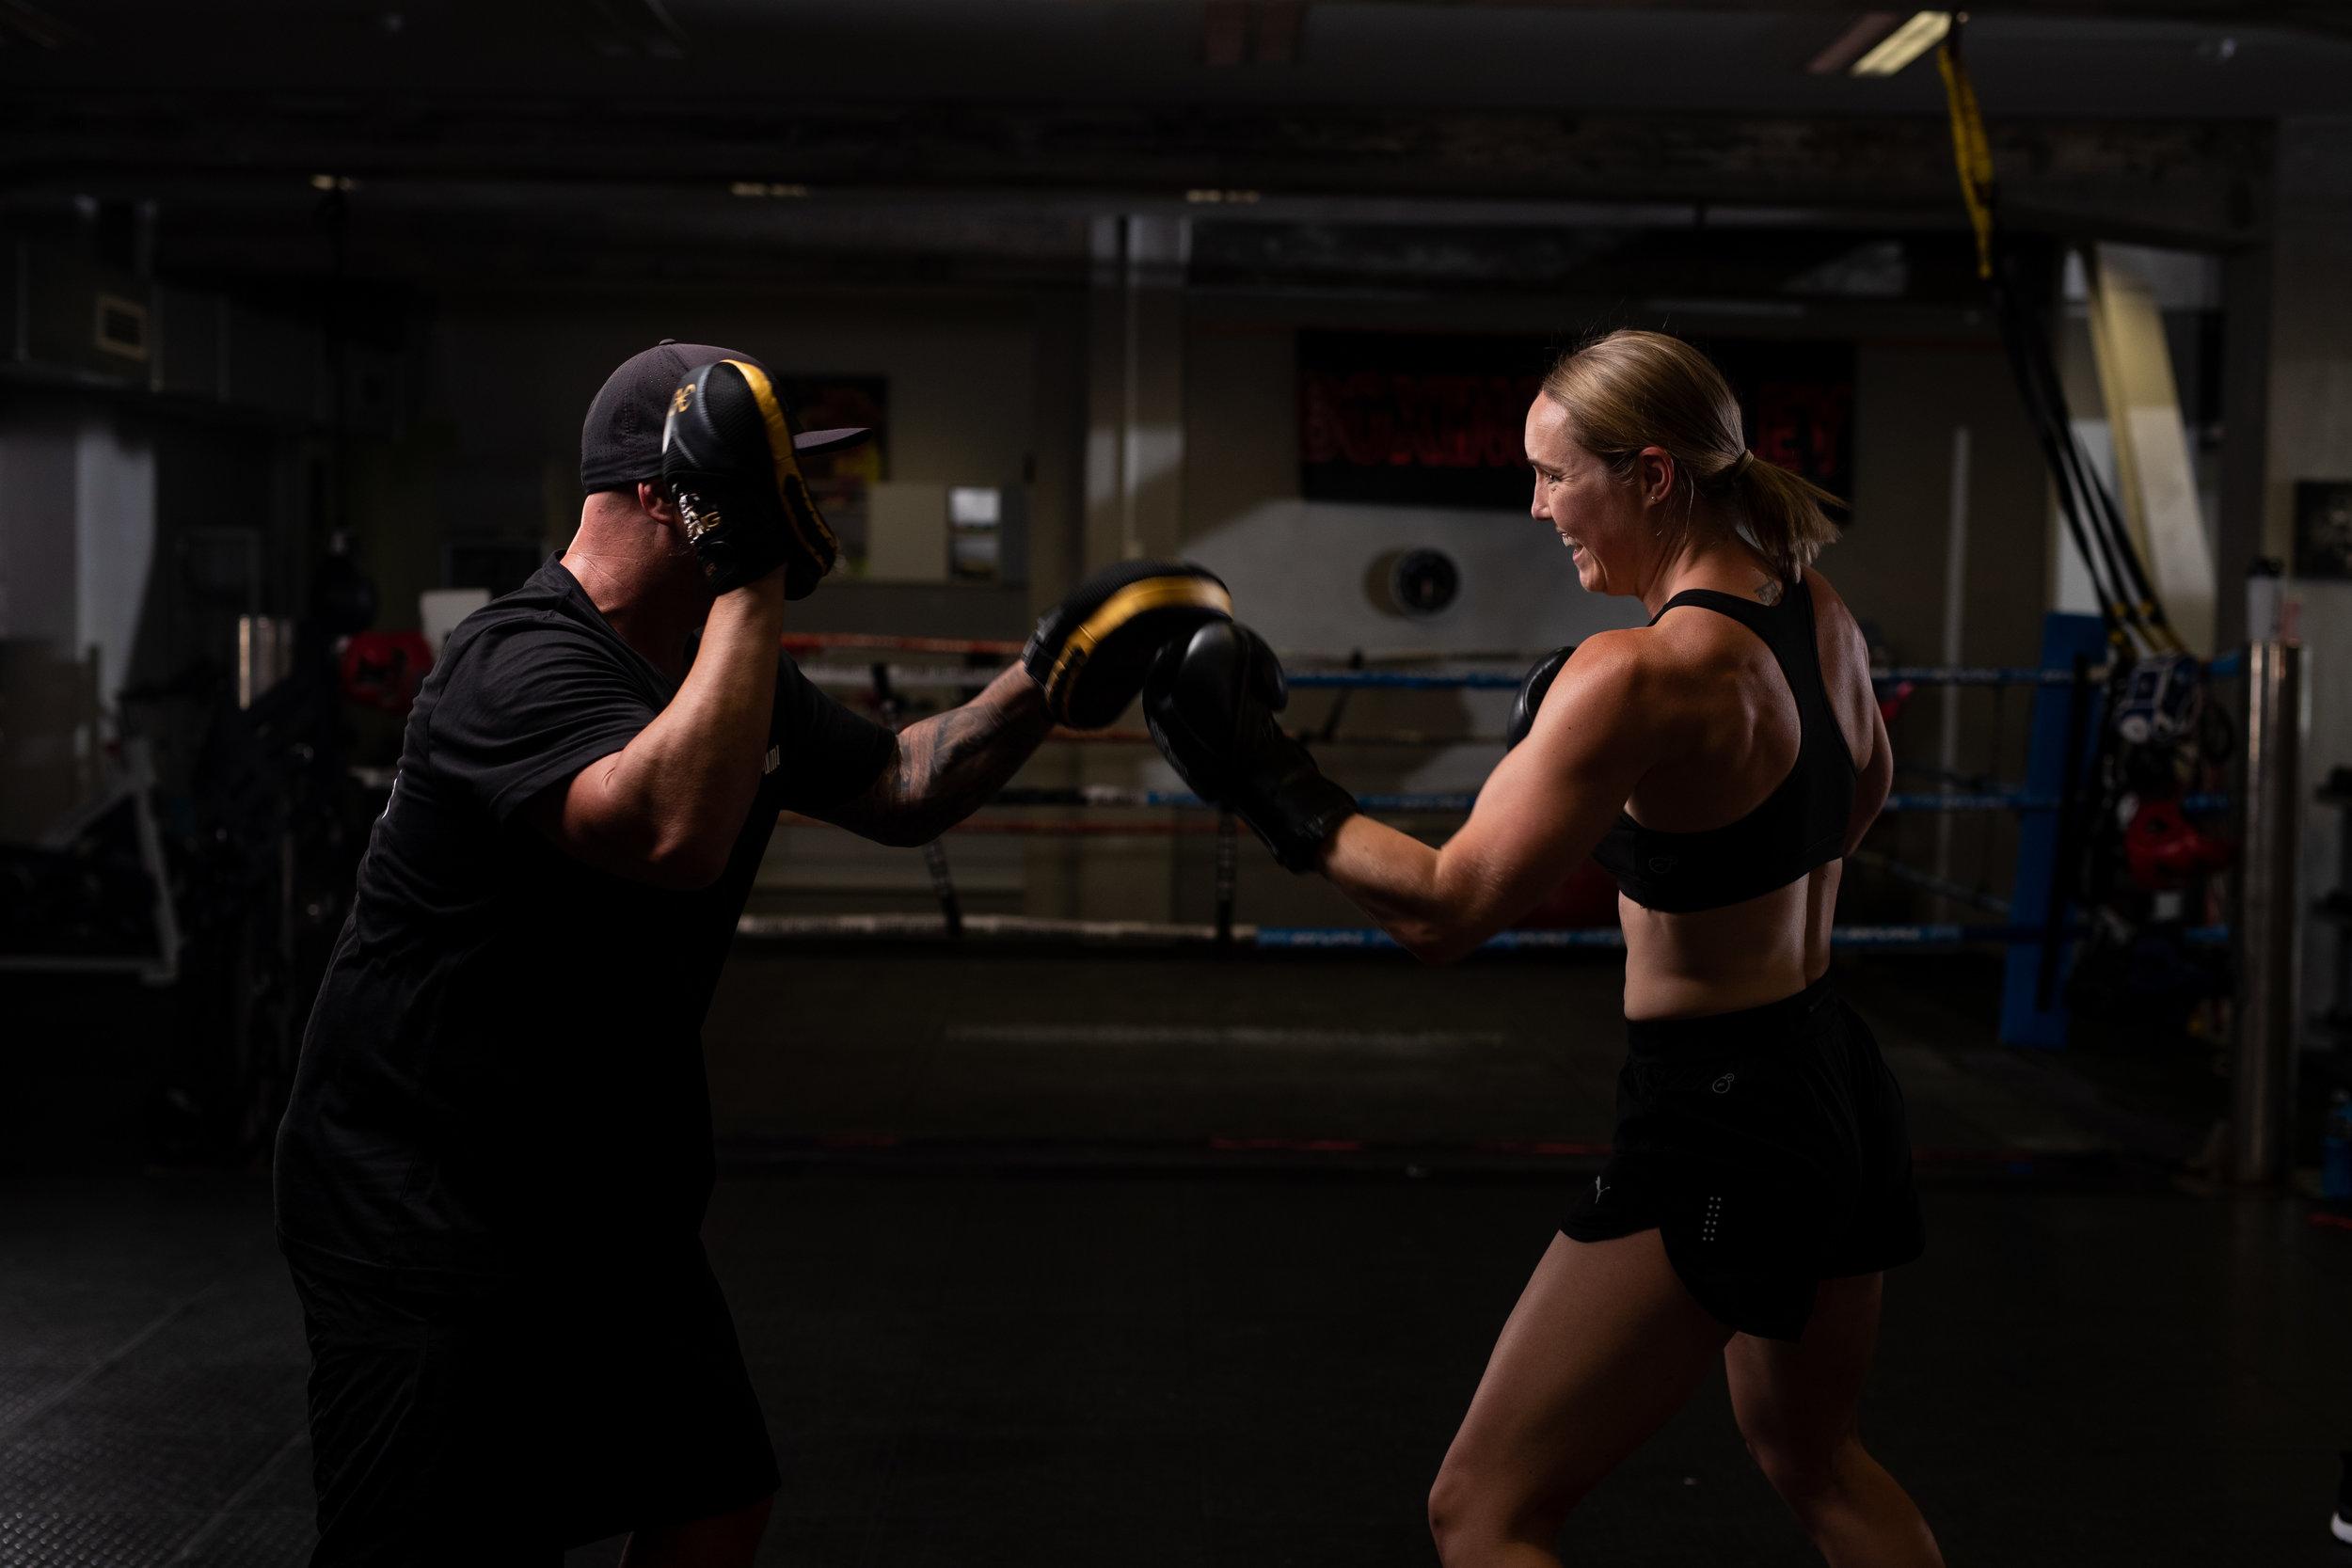 LuckoPhotography_BoxingAlley-5.jpg